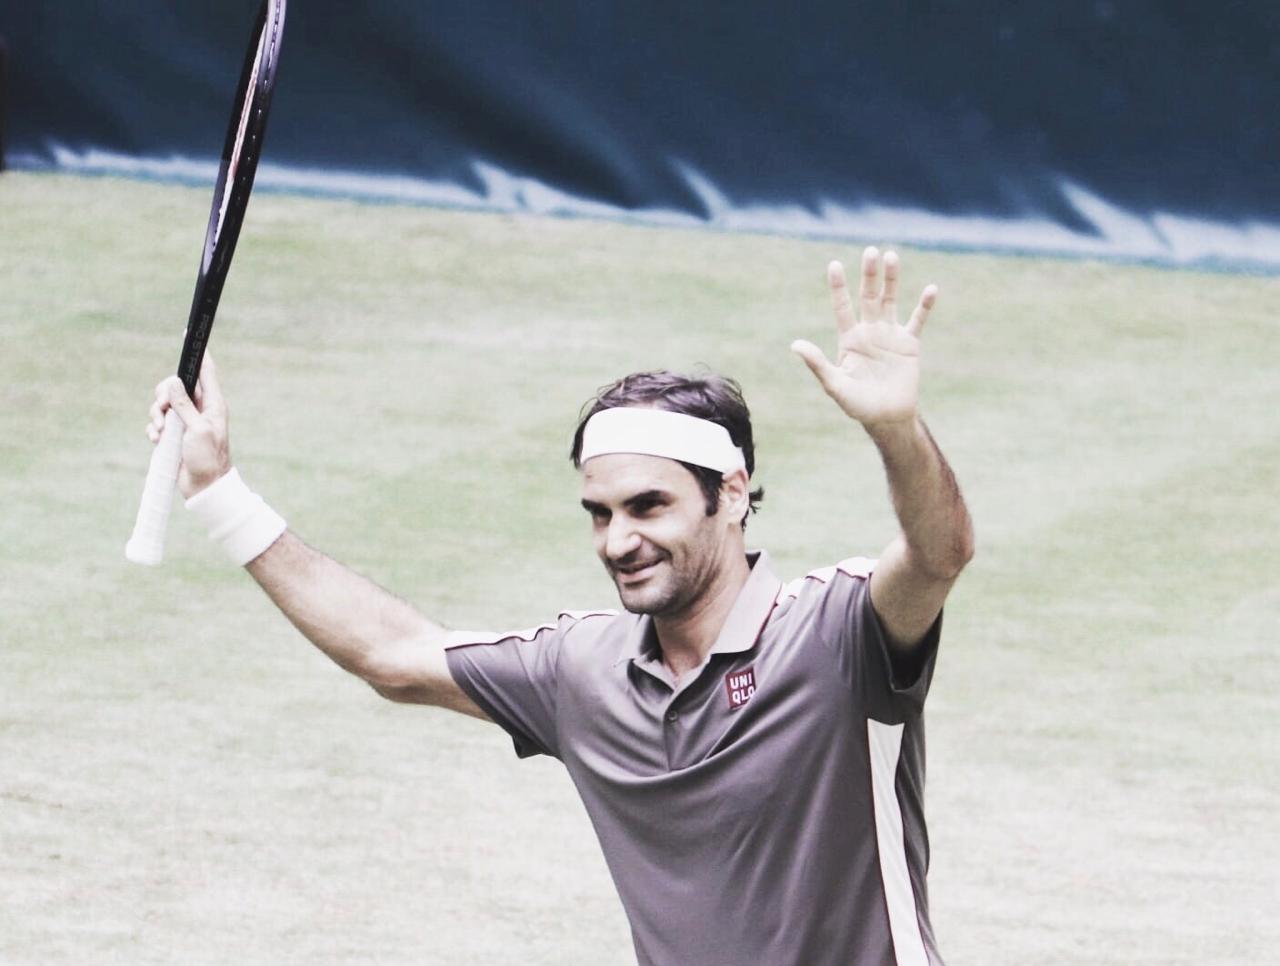 Atual vice-campeão, Federer estreia com vitória sobre Millman no ATP 500 de Halle